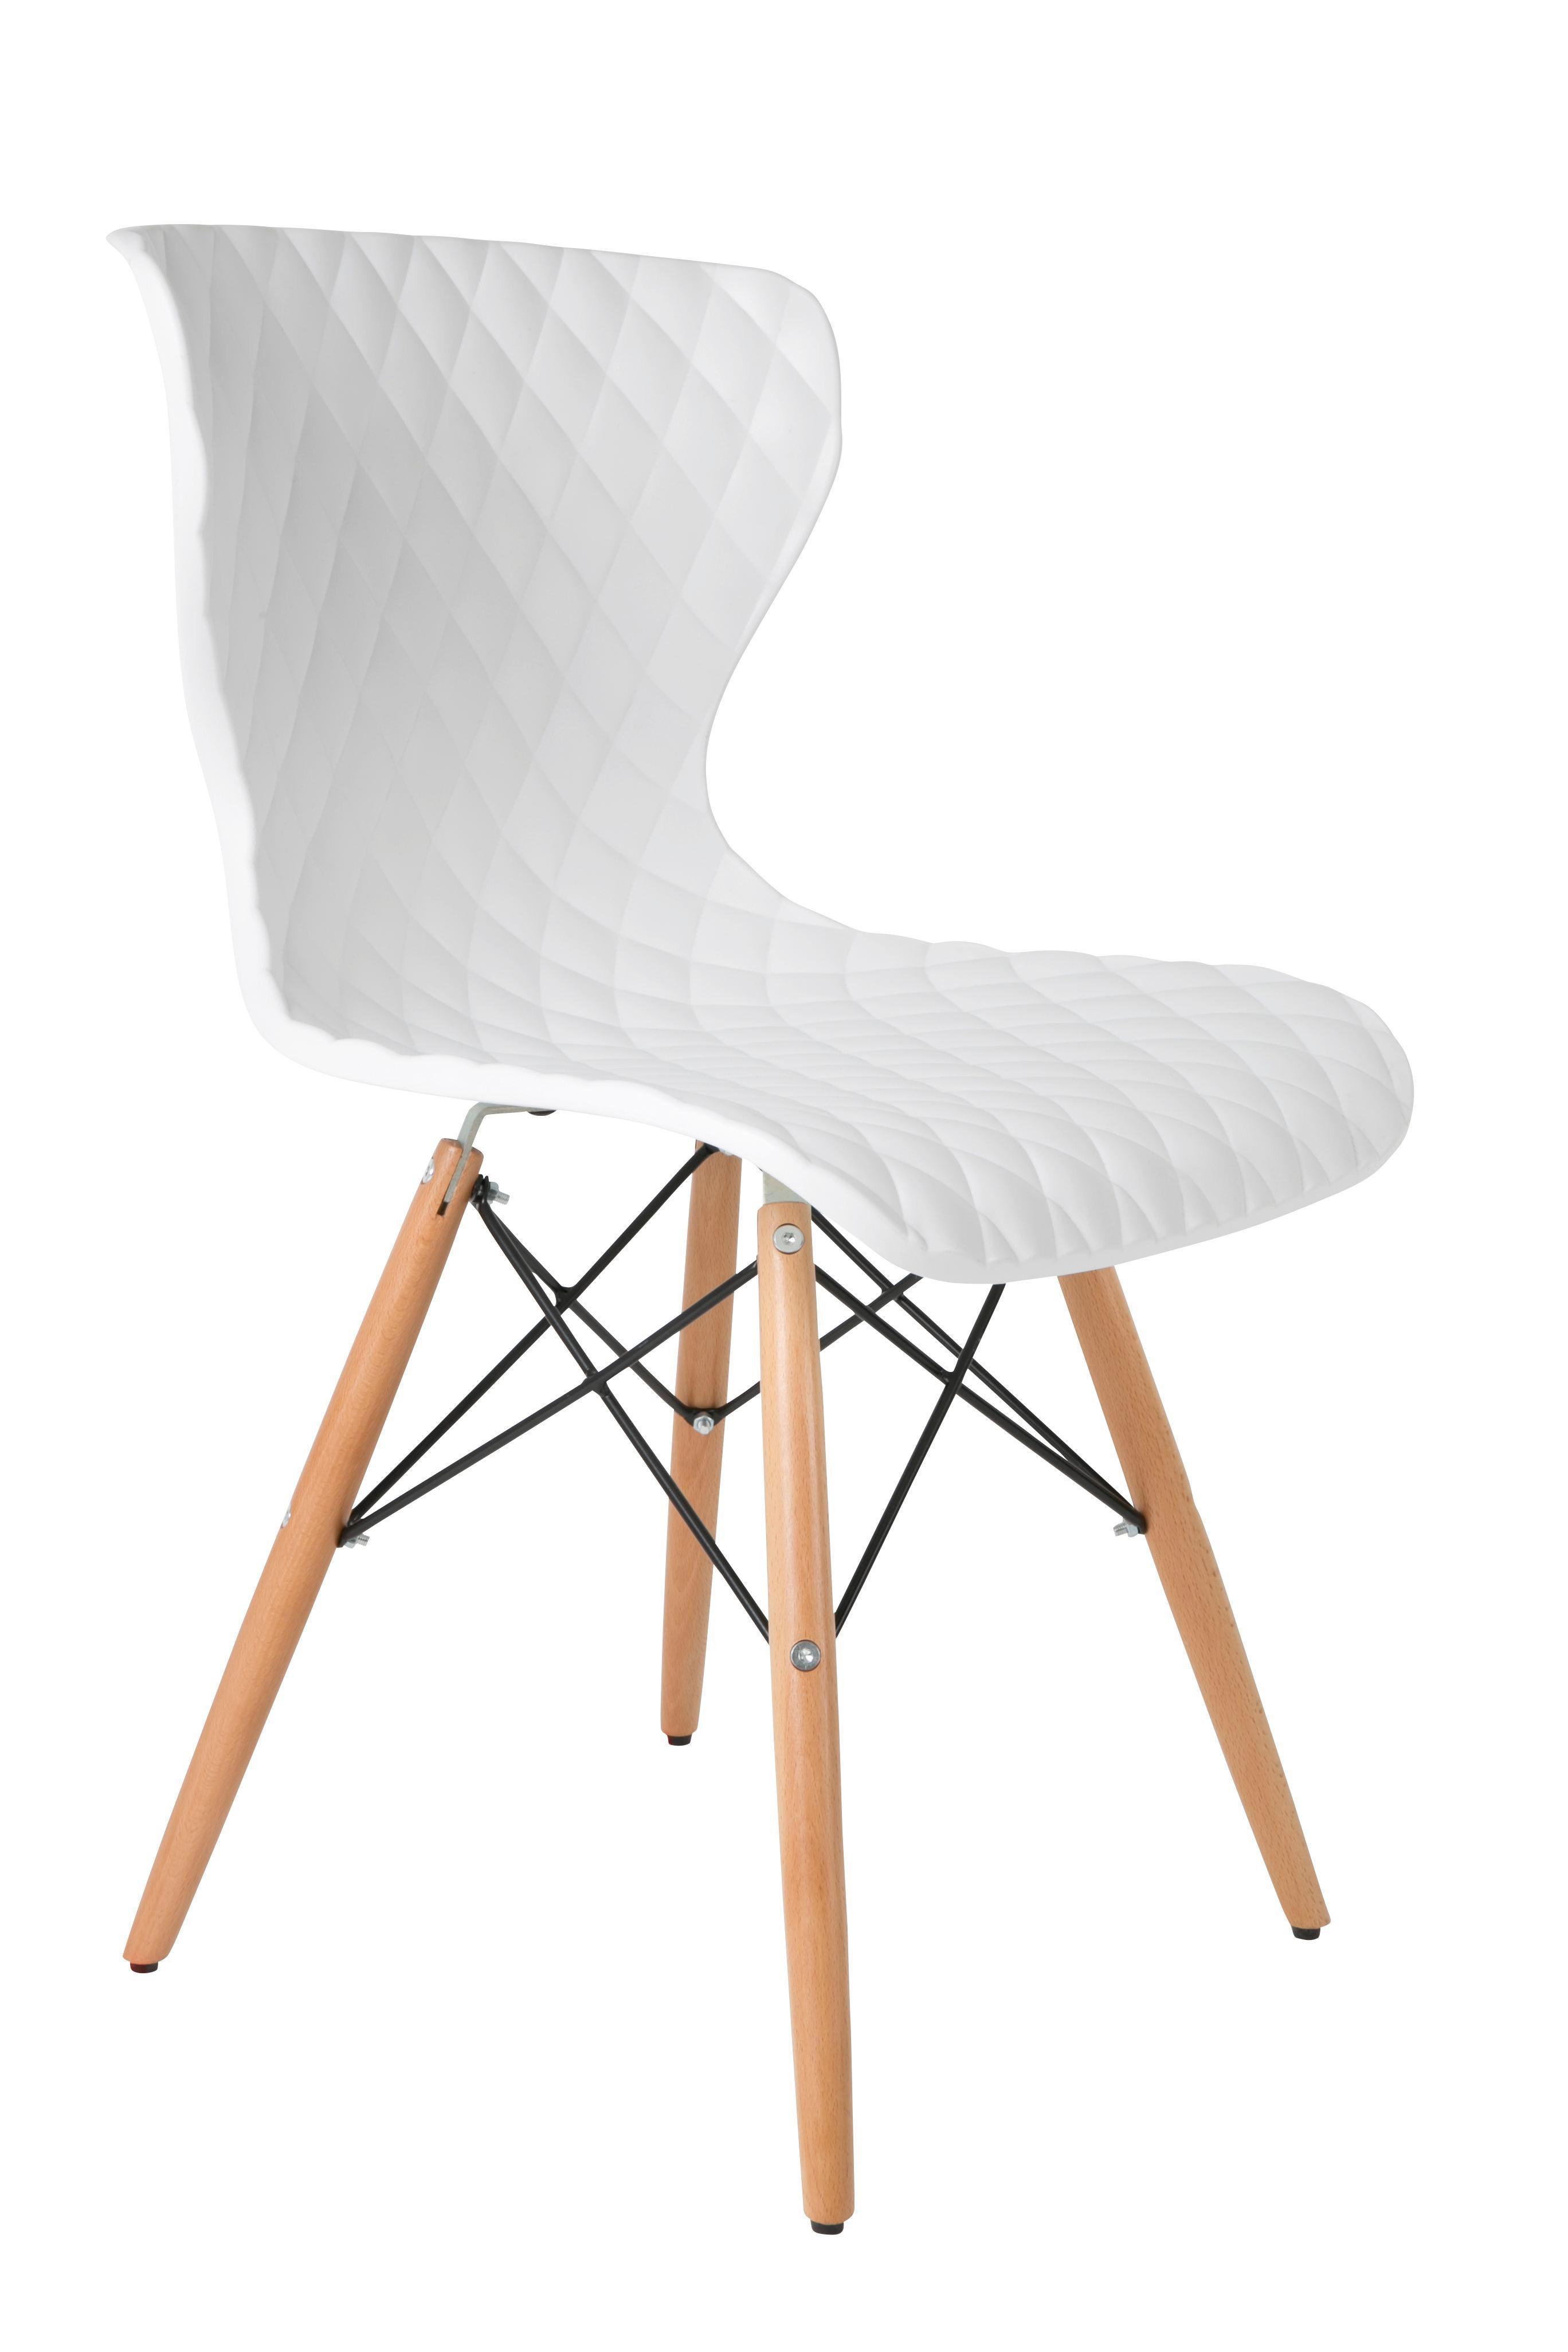 Stuhl Weiß Online Kaufen ➤ Xxxlshop